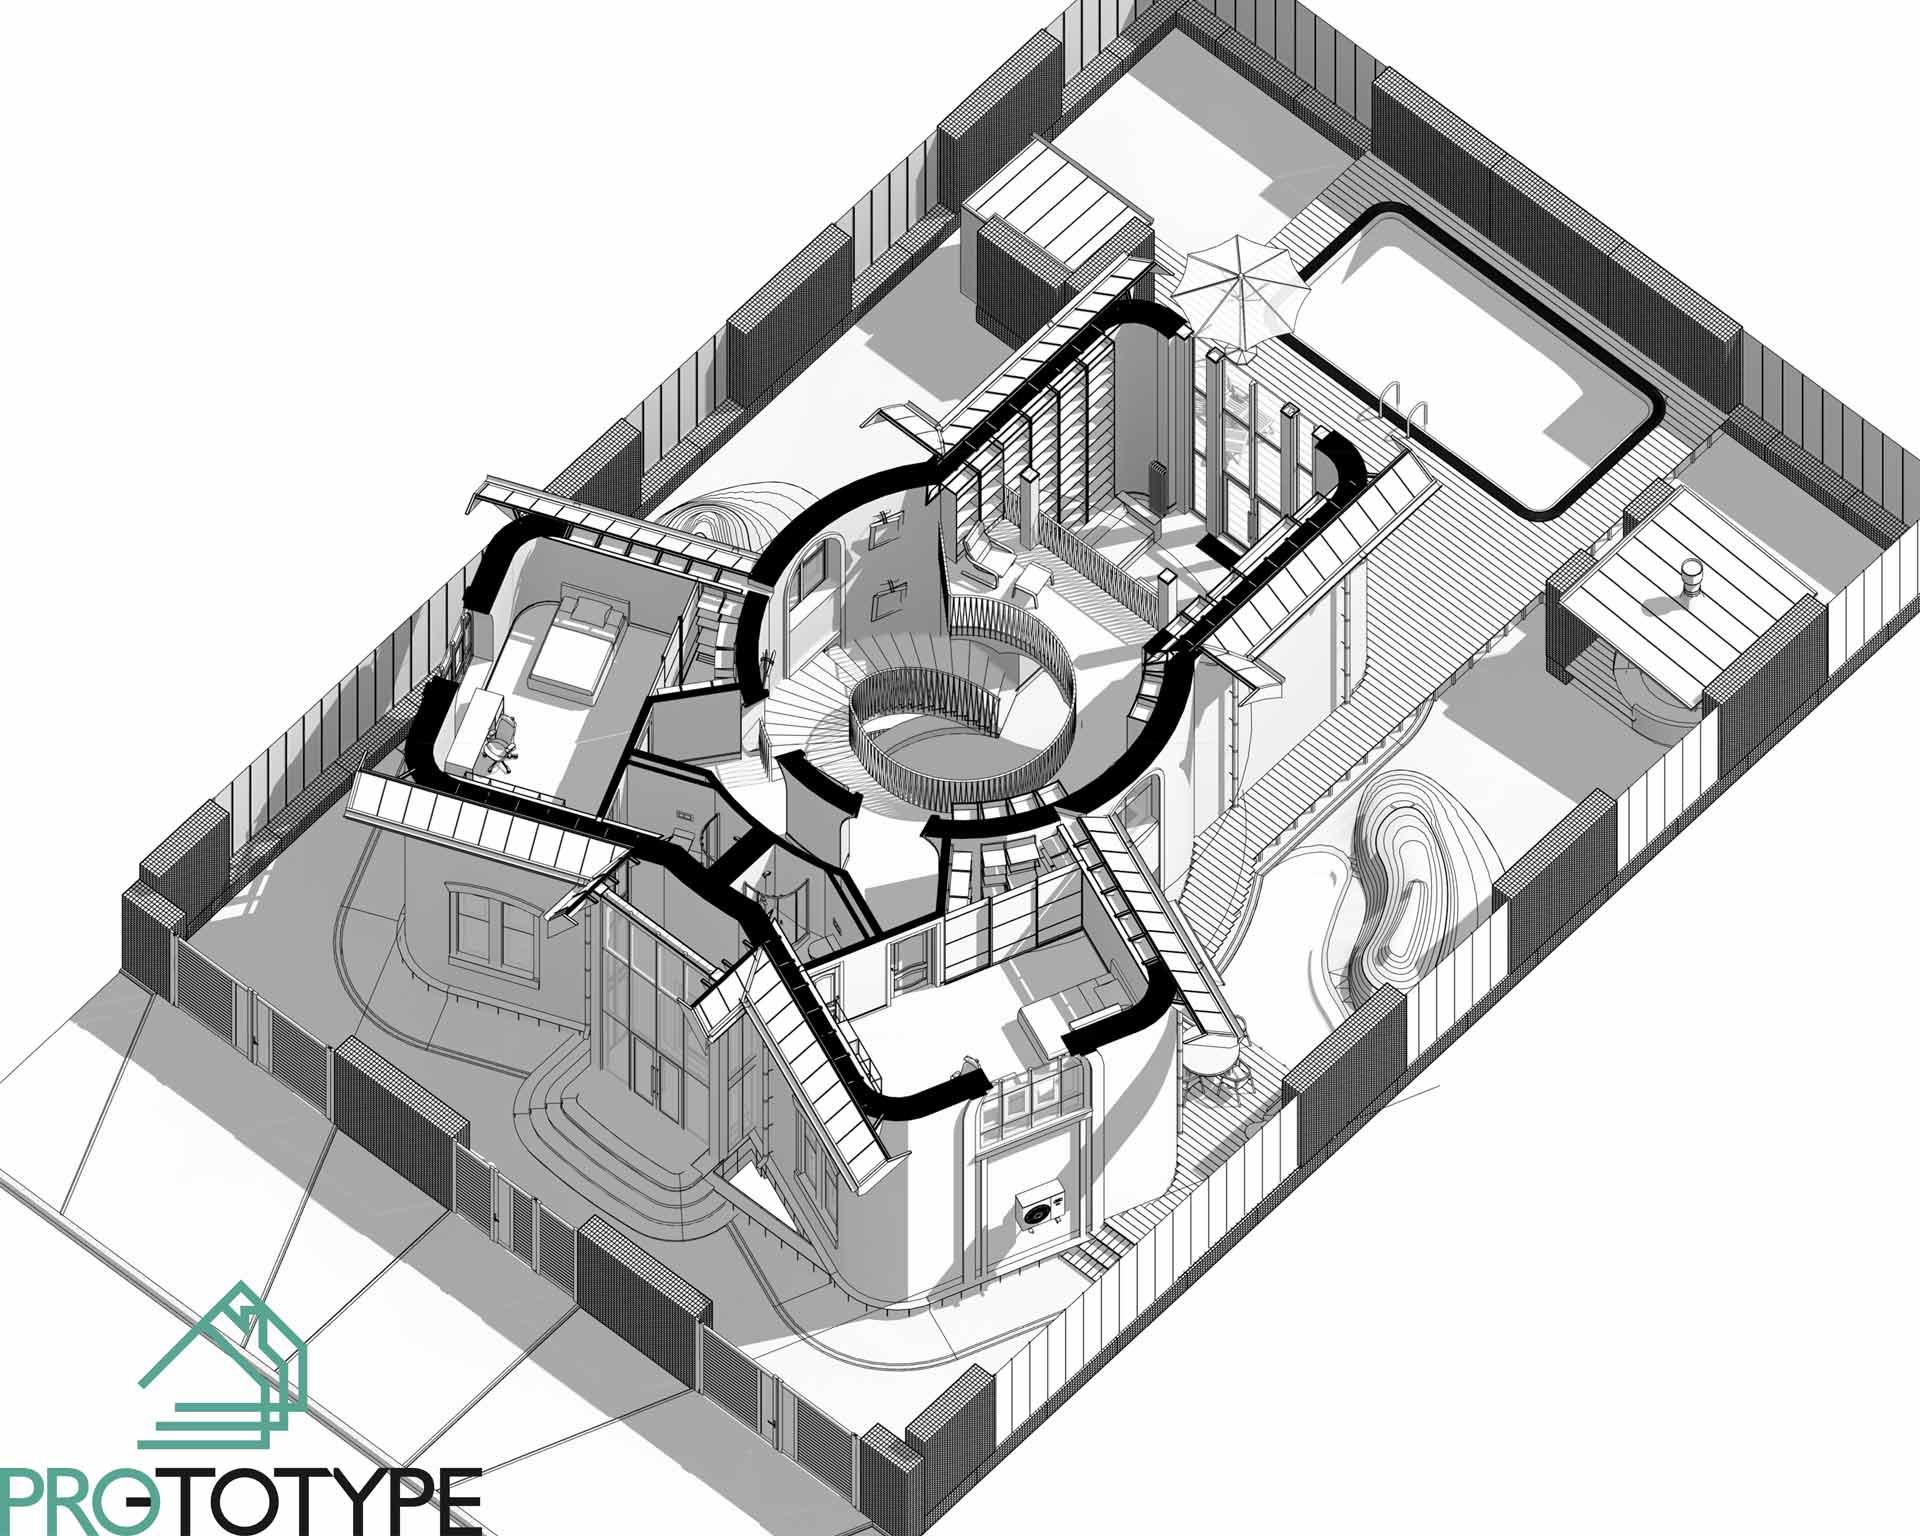 Комплексный архитектурный проект второго этажа с дизайном интерьера и ландшафтом